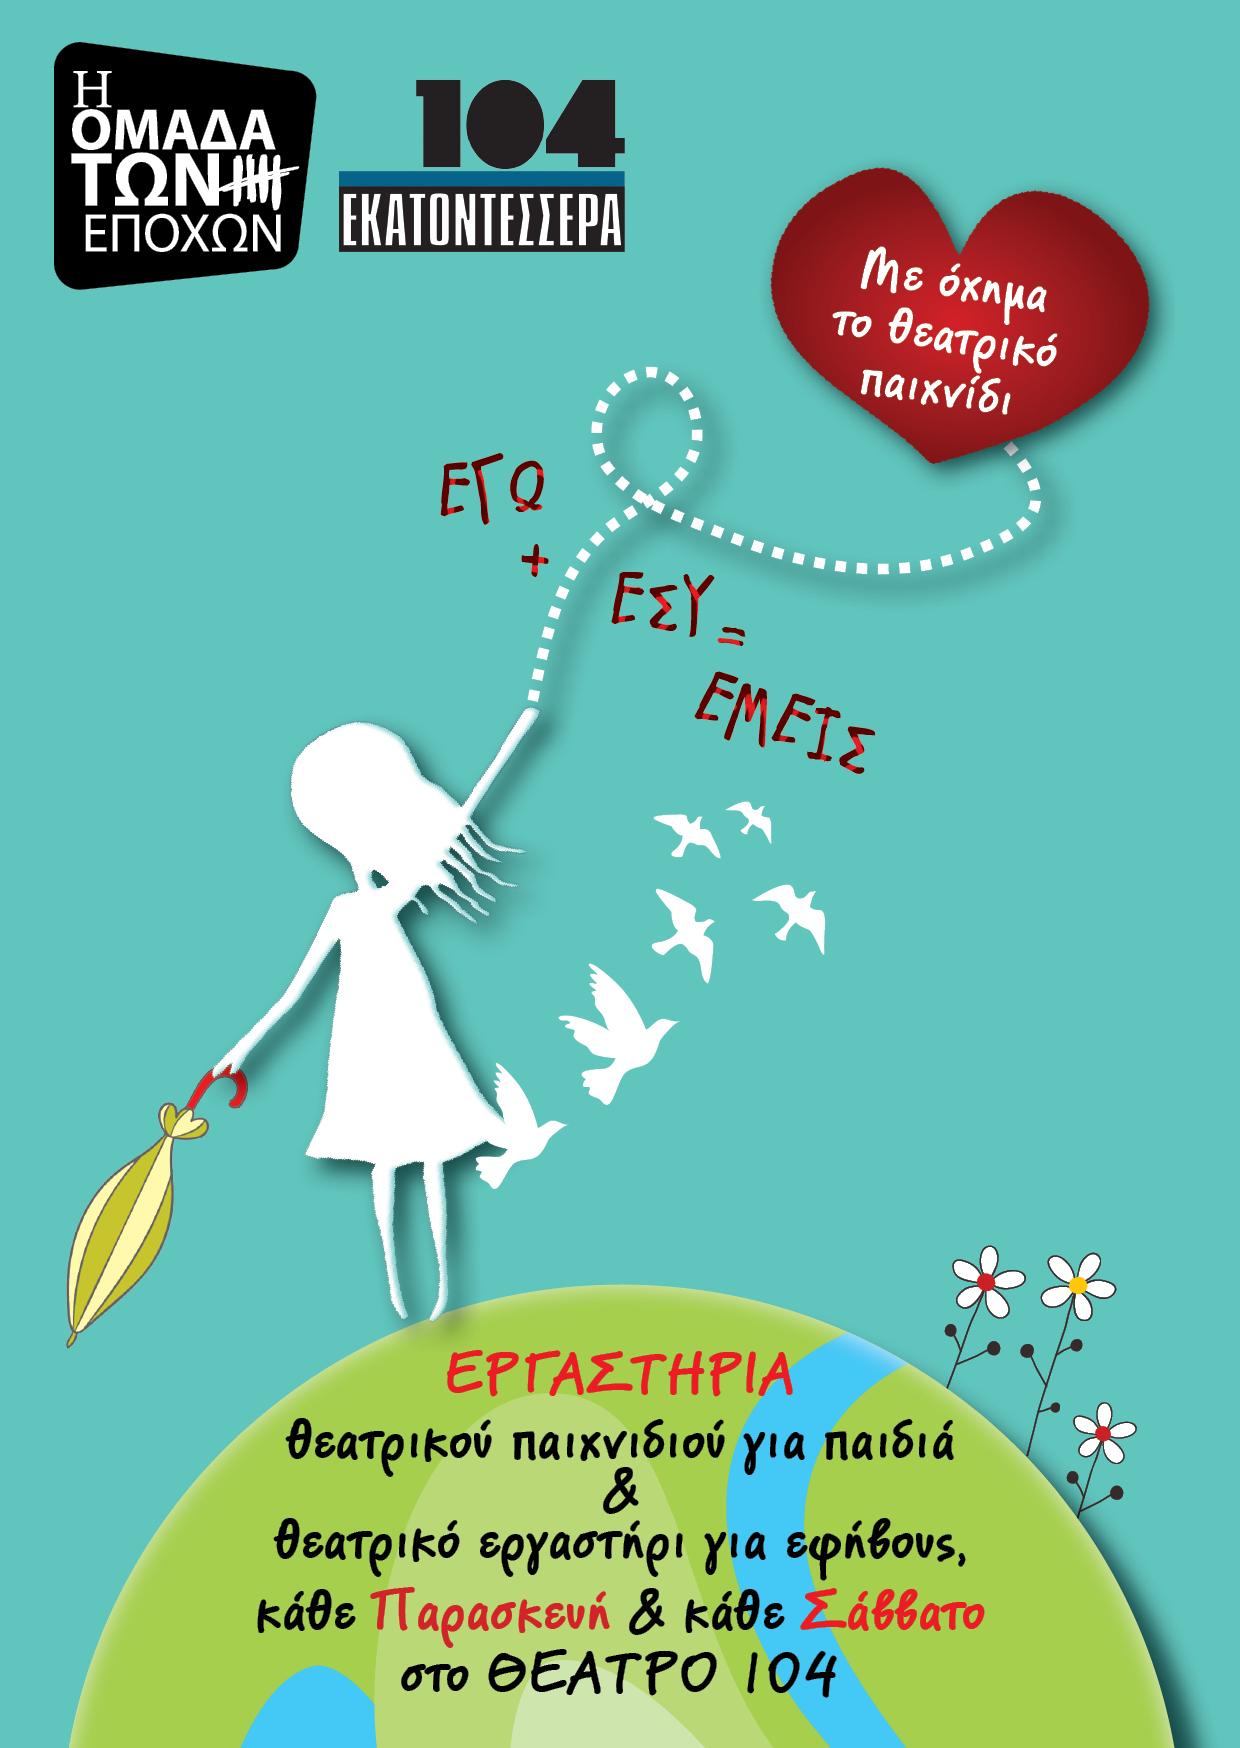 A6_teliko_flyer_seminaria_5 epoxes web1 ok